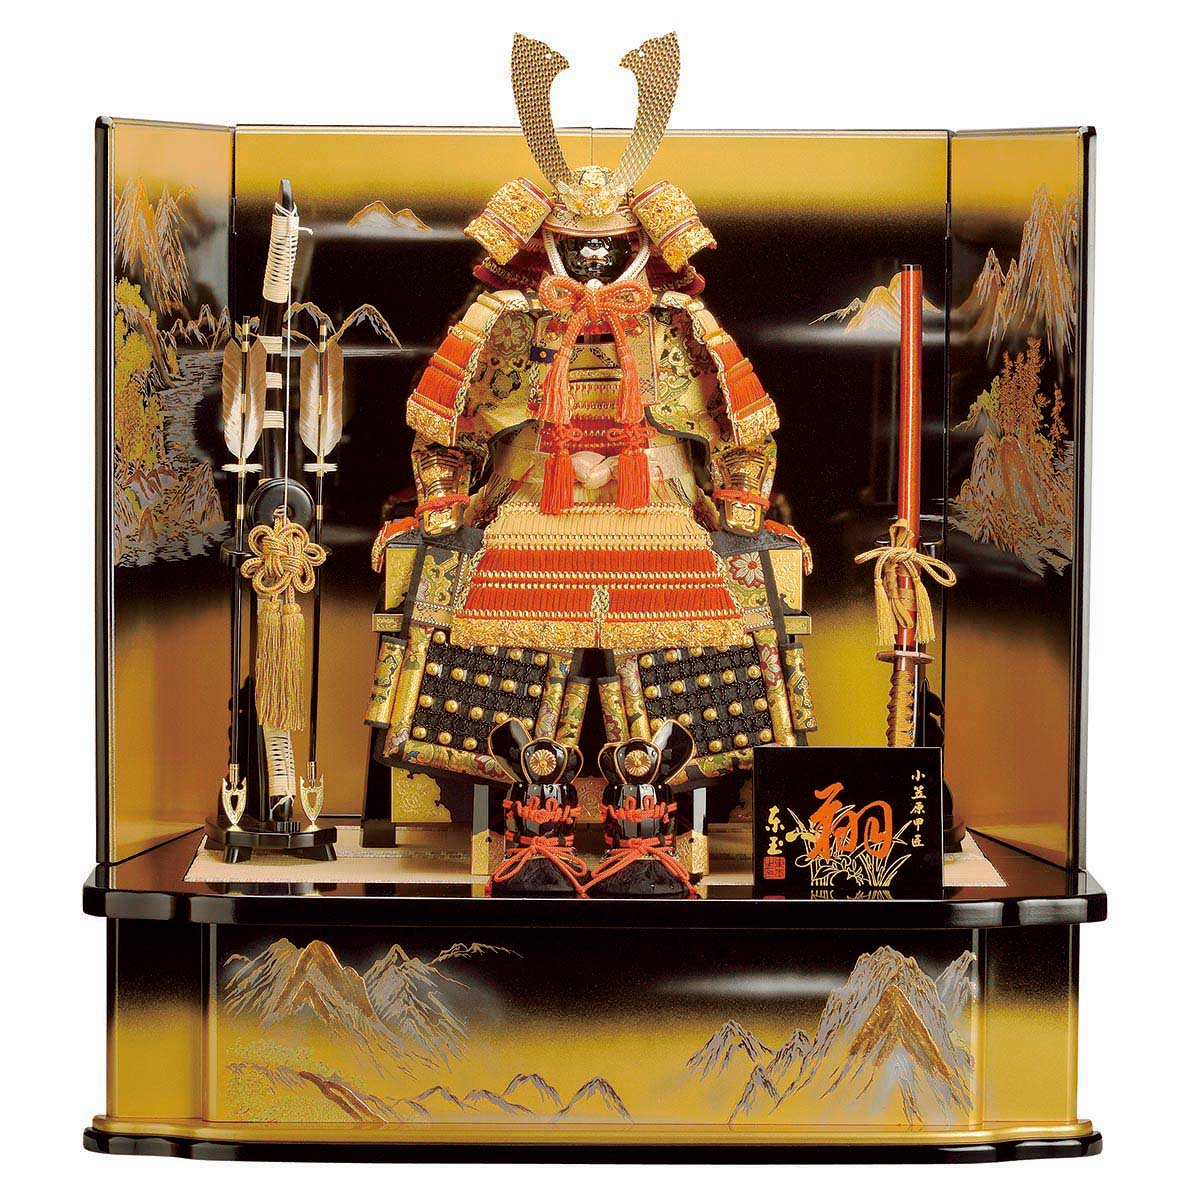 五月人形 東玉 鎧飾り 神将II 12号 ≪GOTG-53907≫ 鎧平飾りおしゃれ 鎧飾り 鎧 五月人形 [P10]